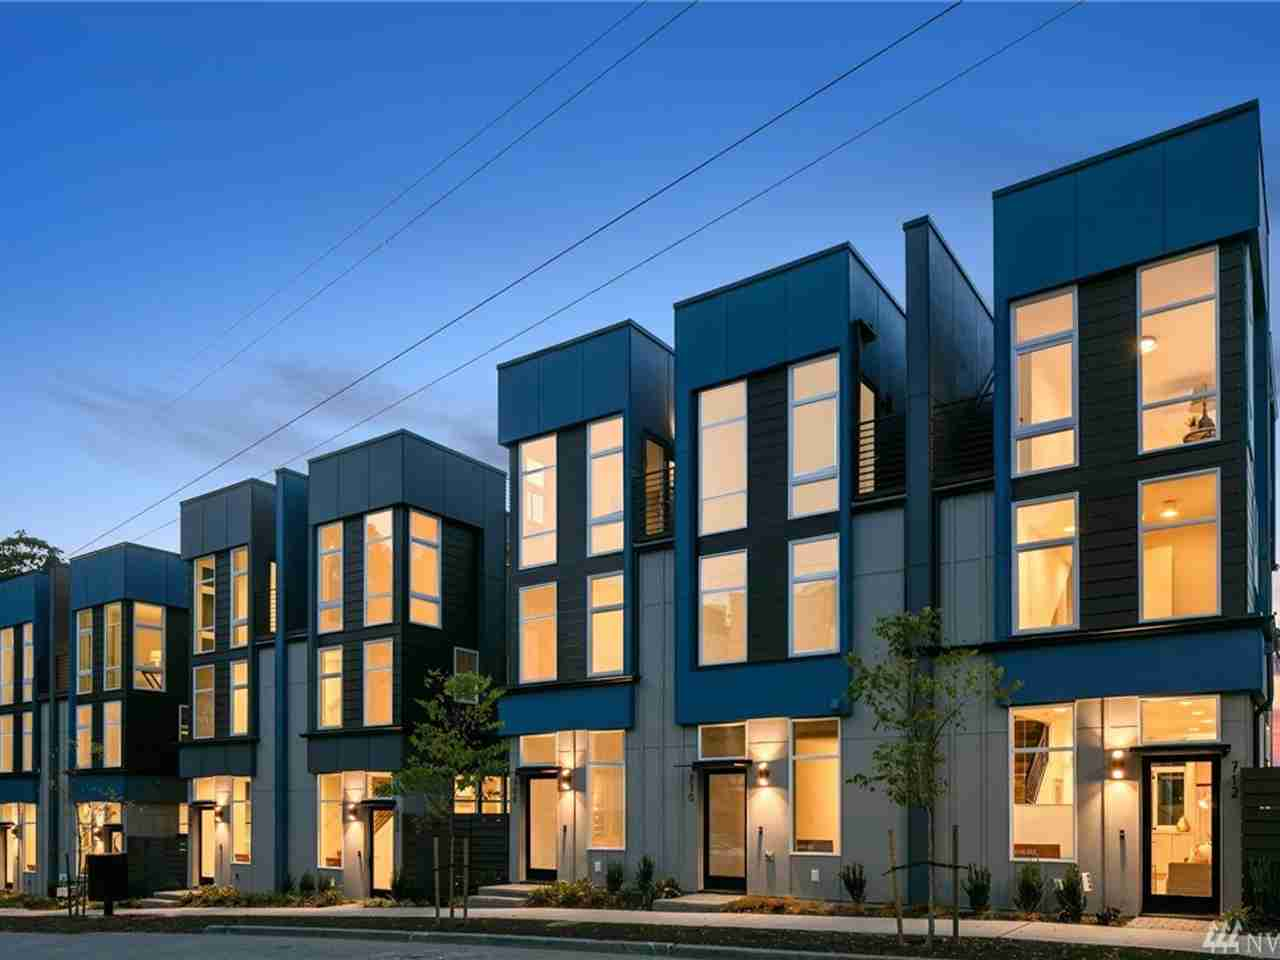 706 McGraw St Seattle, WA, 98109